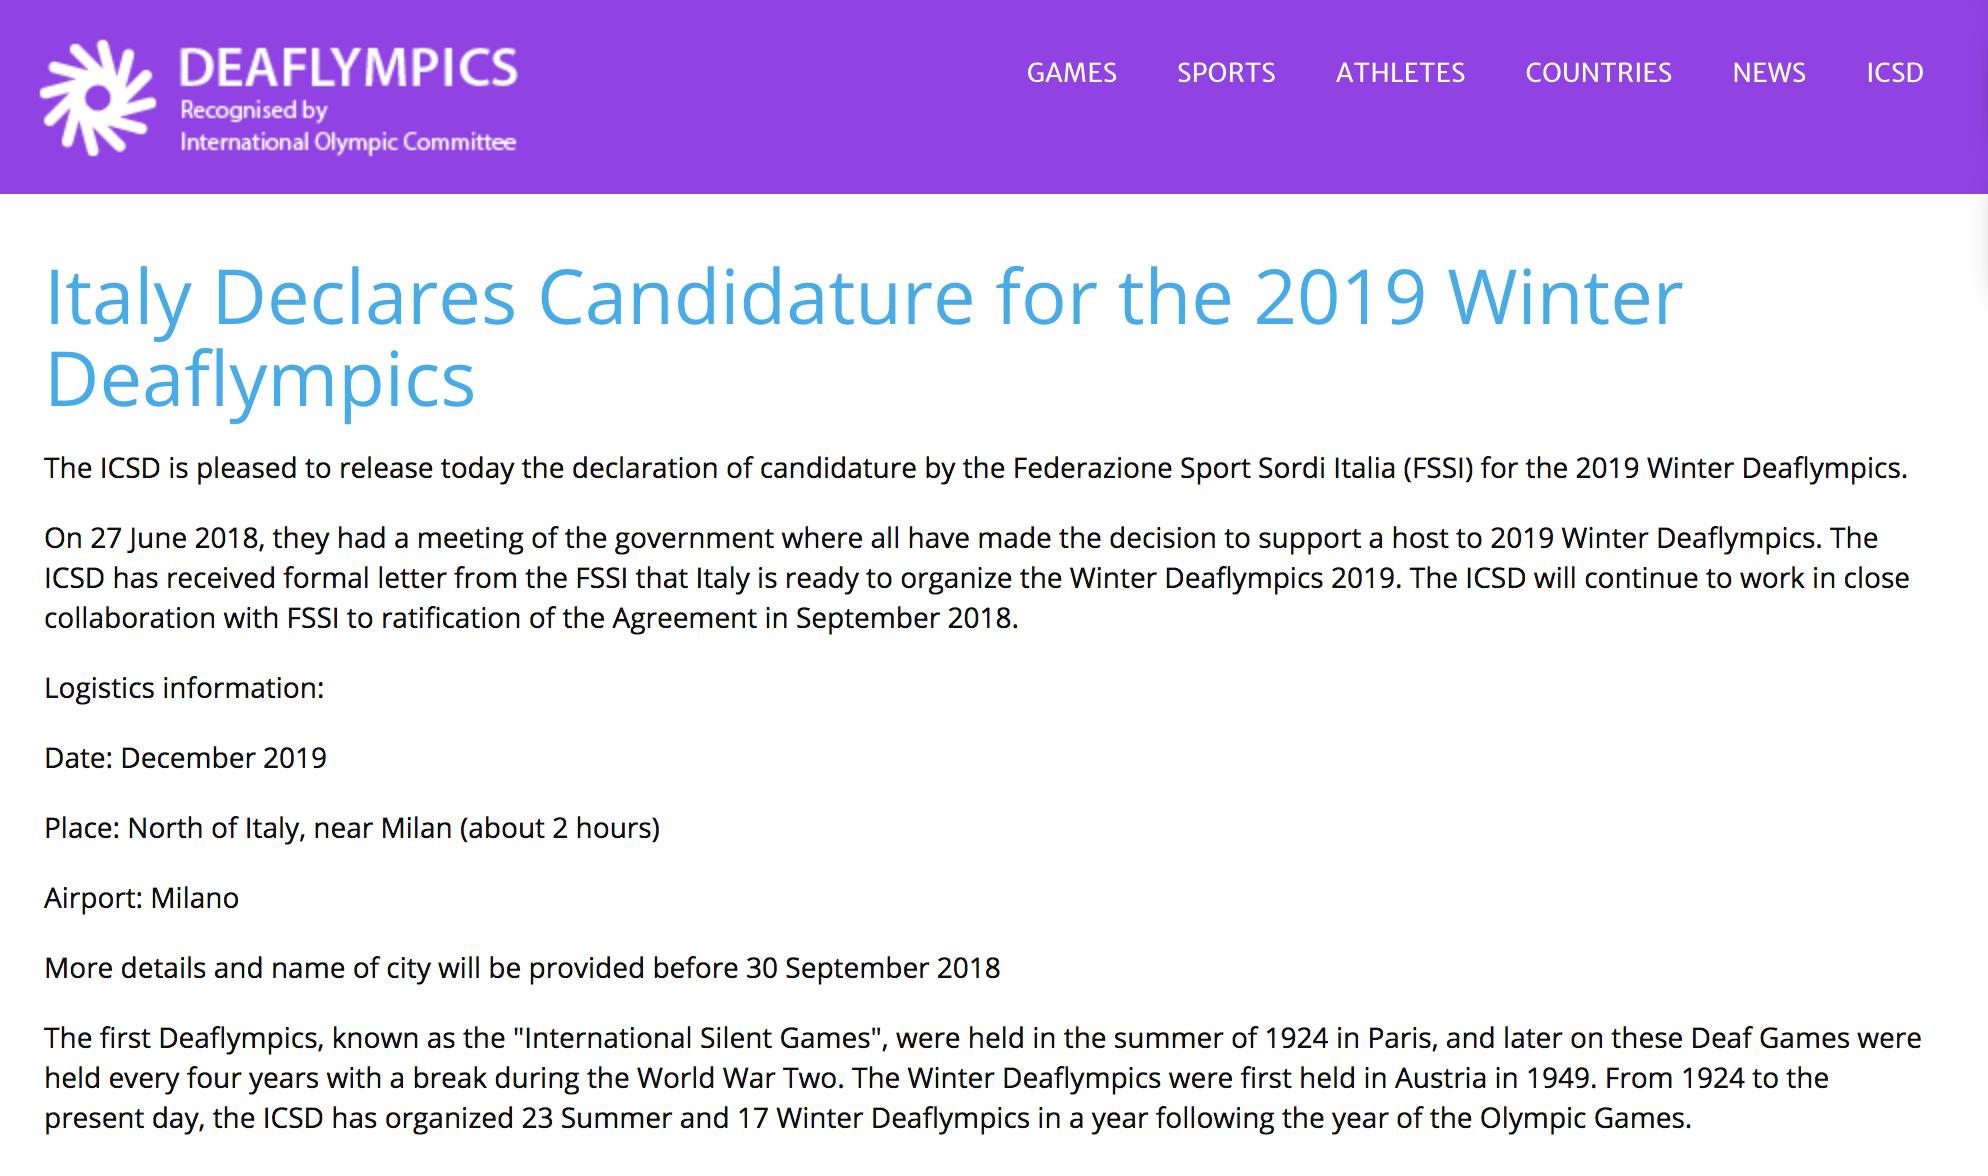 Italia FSSI ufficializza la candidatura per l'organizzazione delle Deaflympics invernali 2019